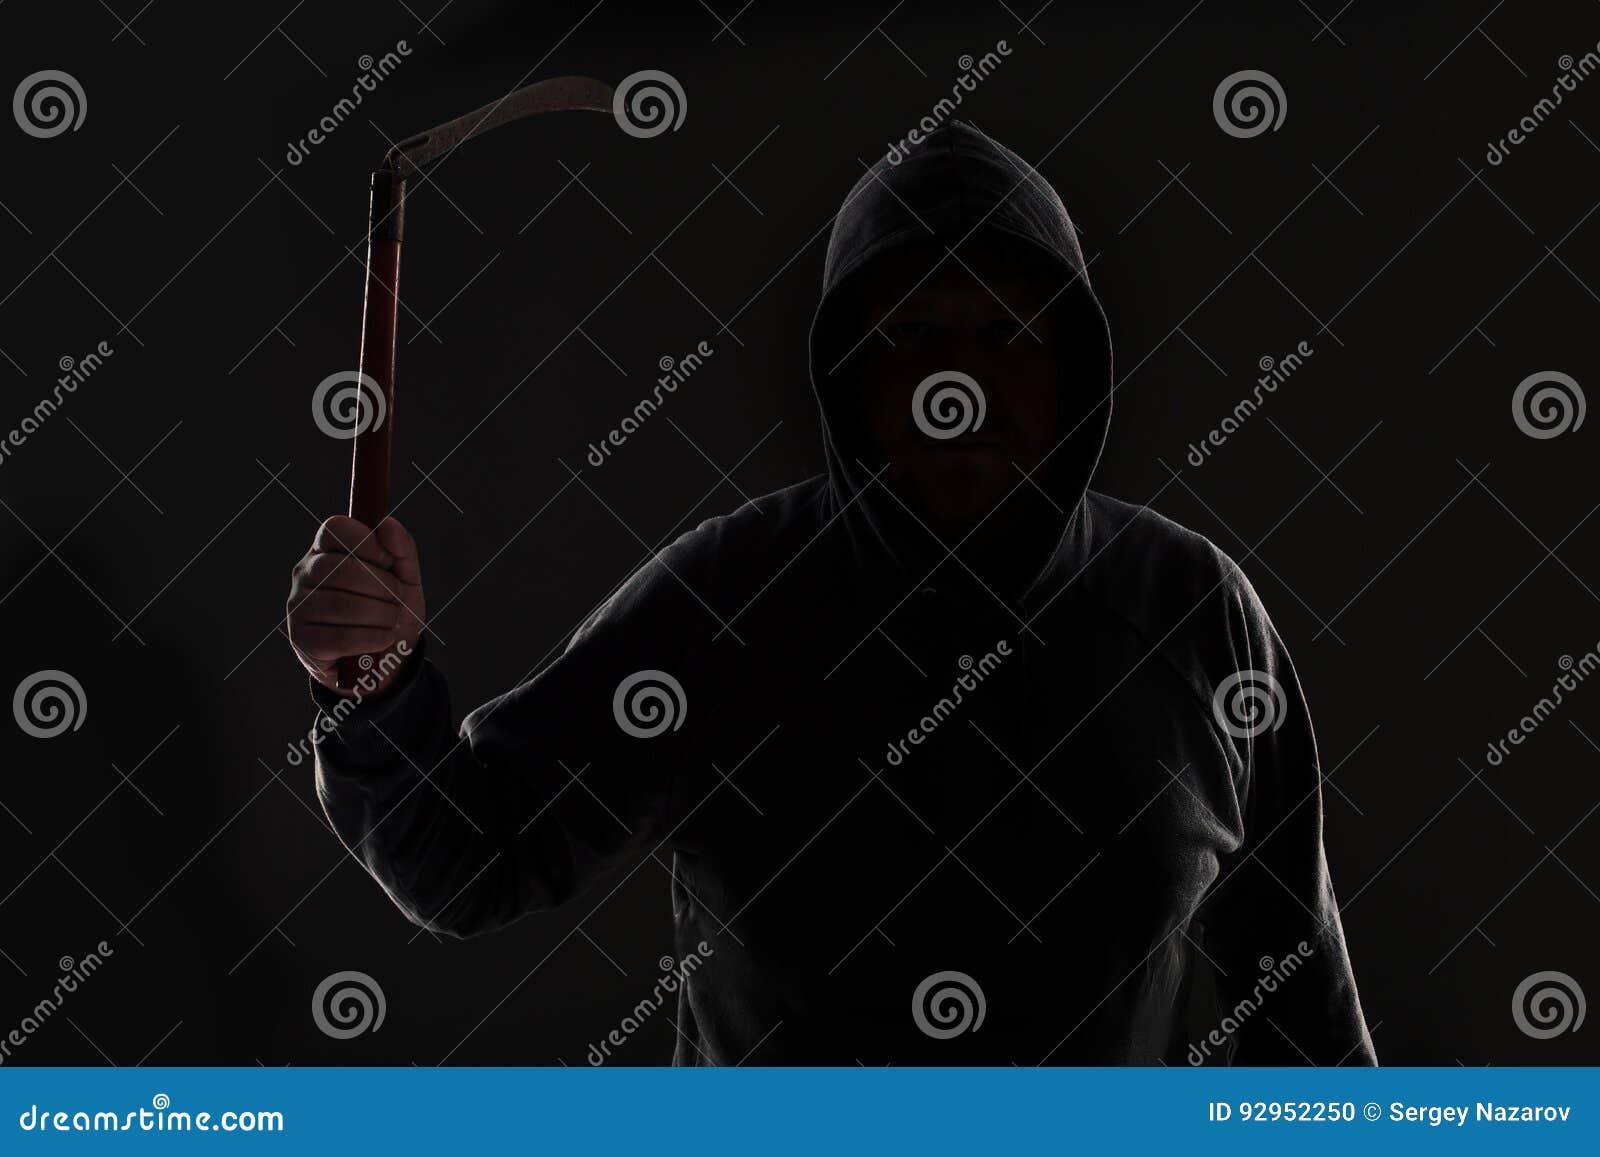 Преступник в темных одеждах и балаклаве с косой